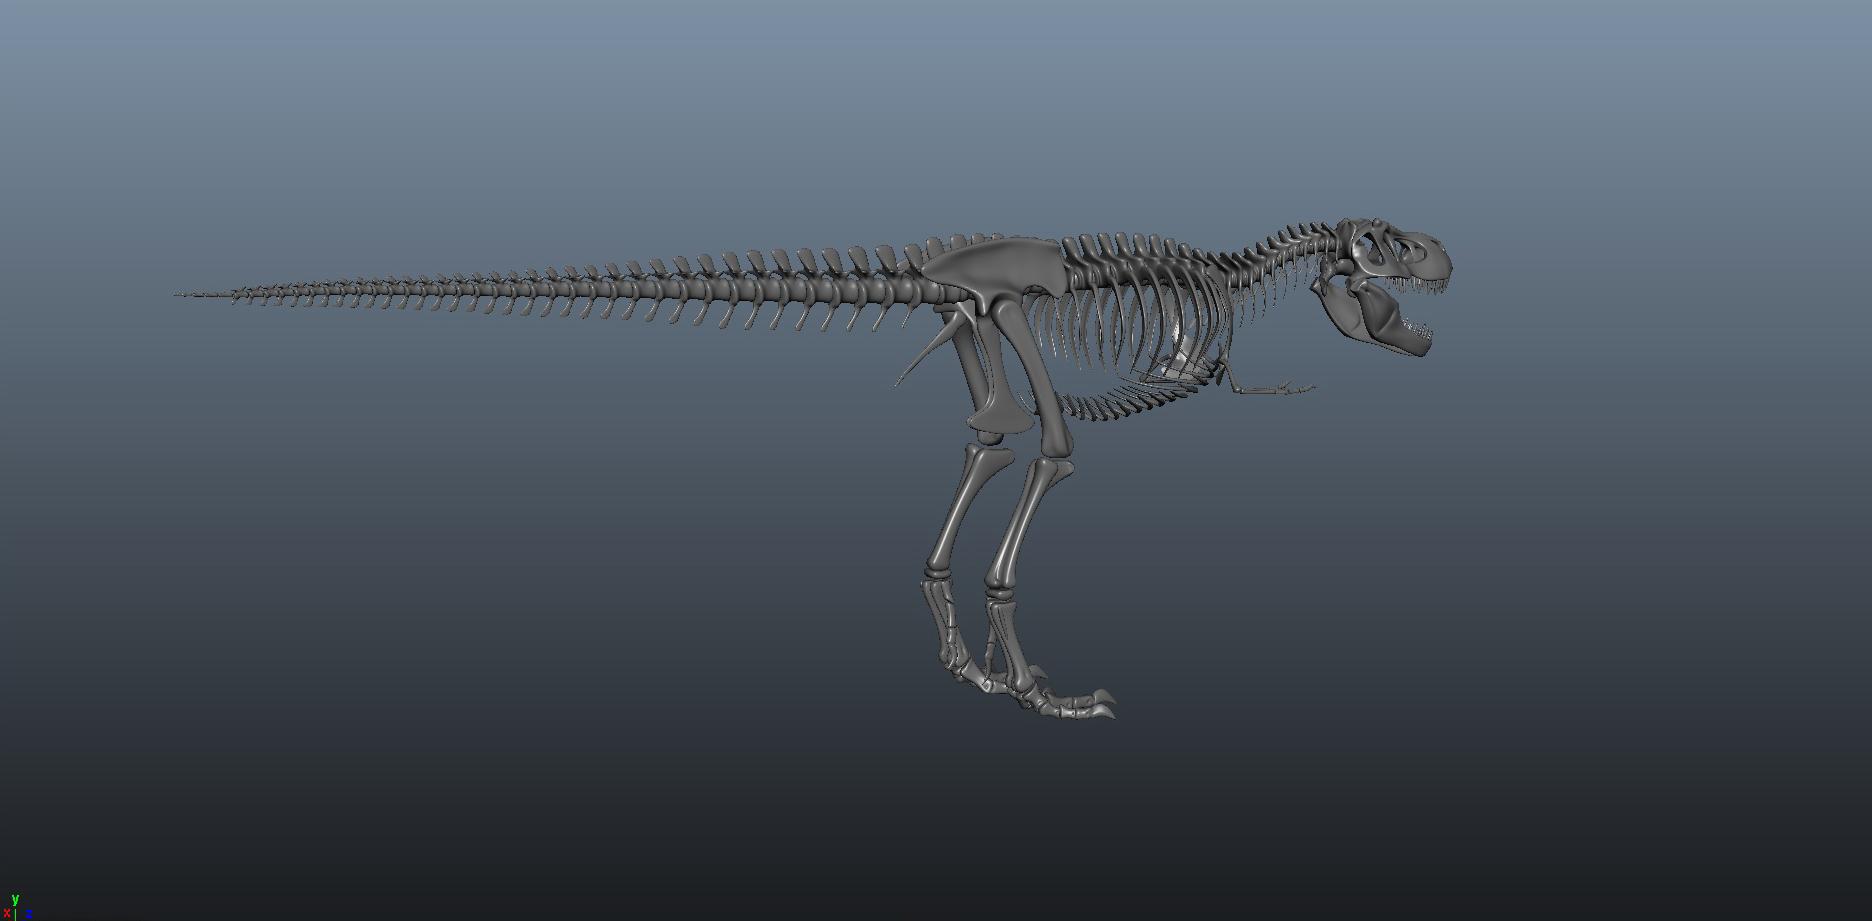 t-rex 3d загвар нь 153243-ийн хамгийн их функц юм